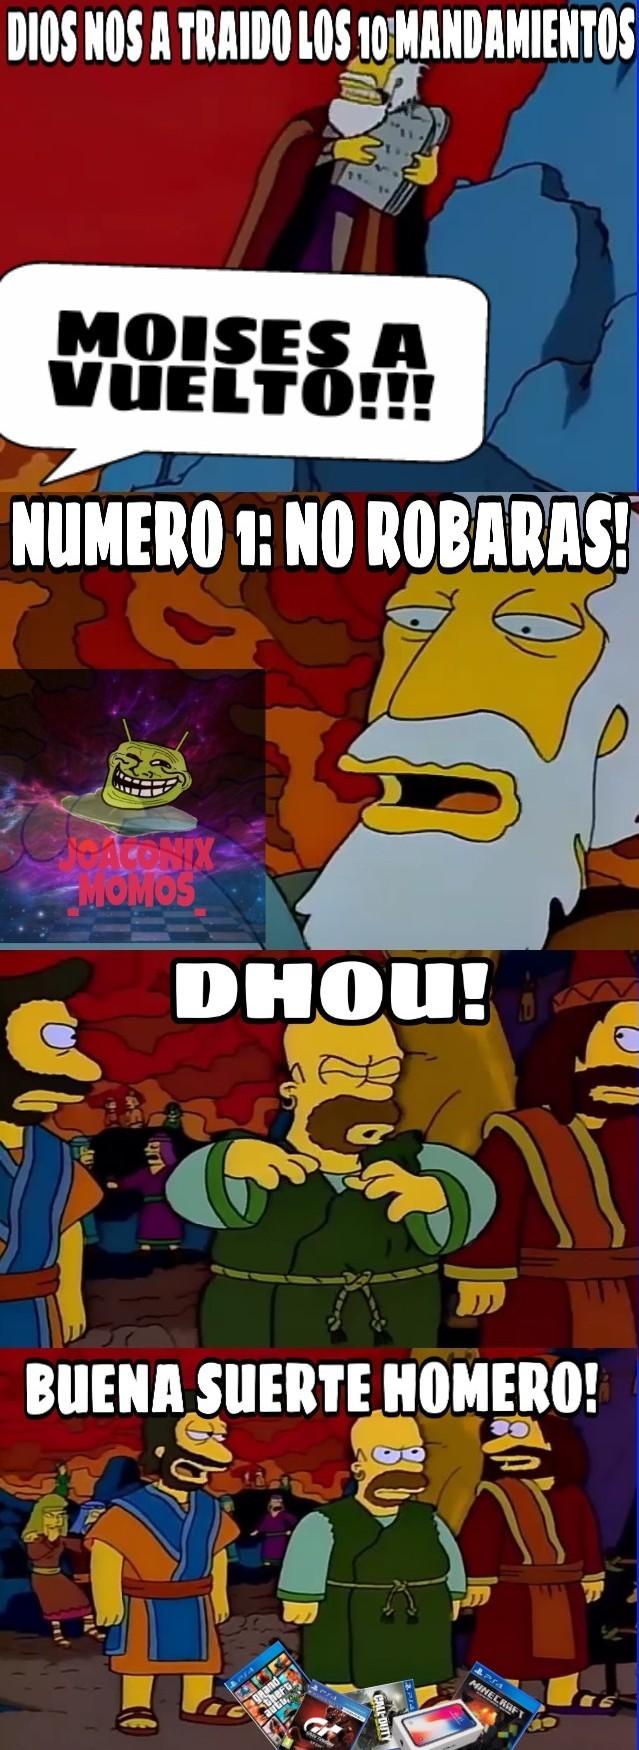 Moises ha vuelto - meme